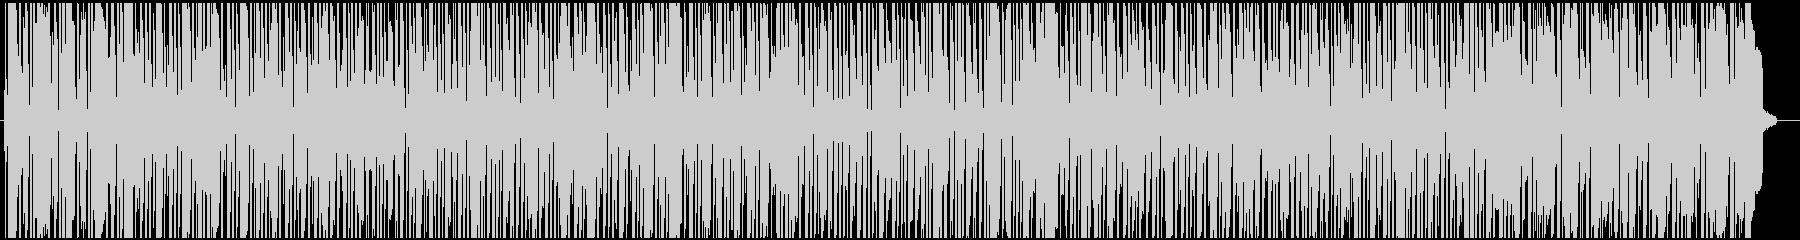 穏やかなのにファンキーなソウル・R&Bの未再生の波形